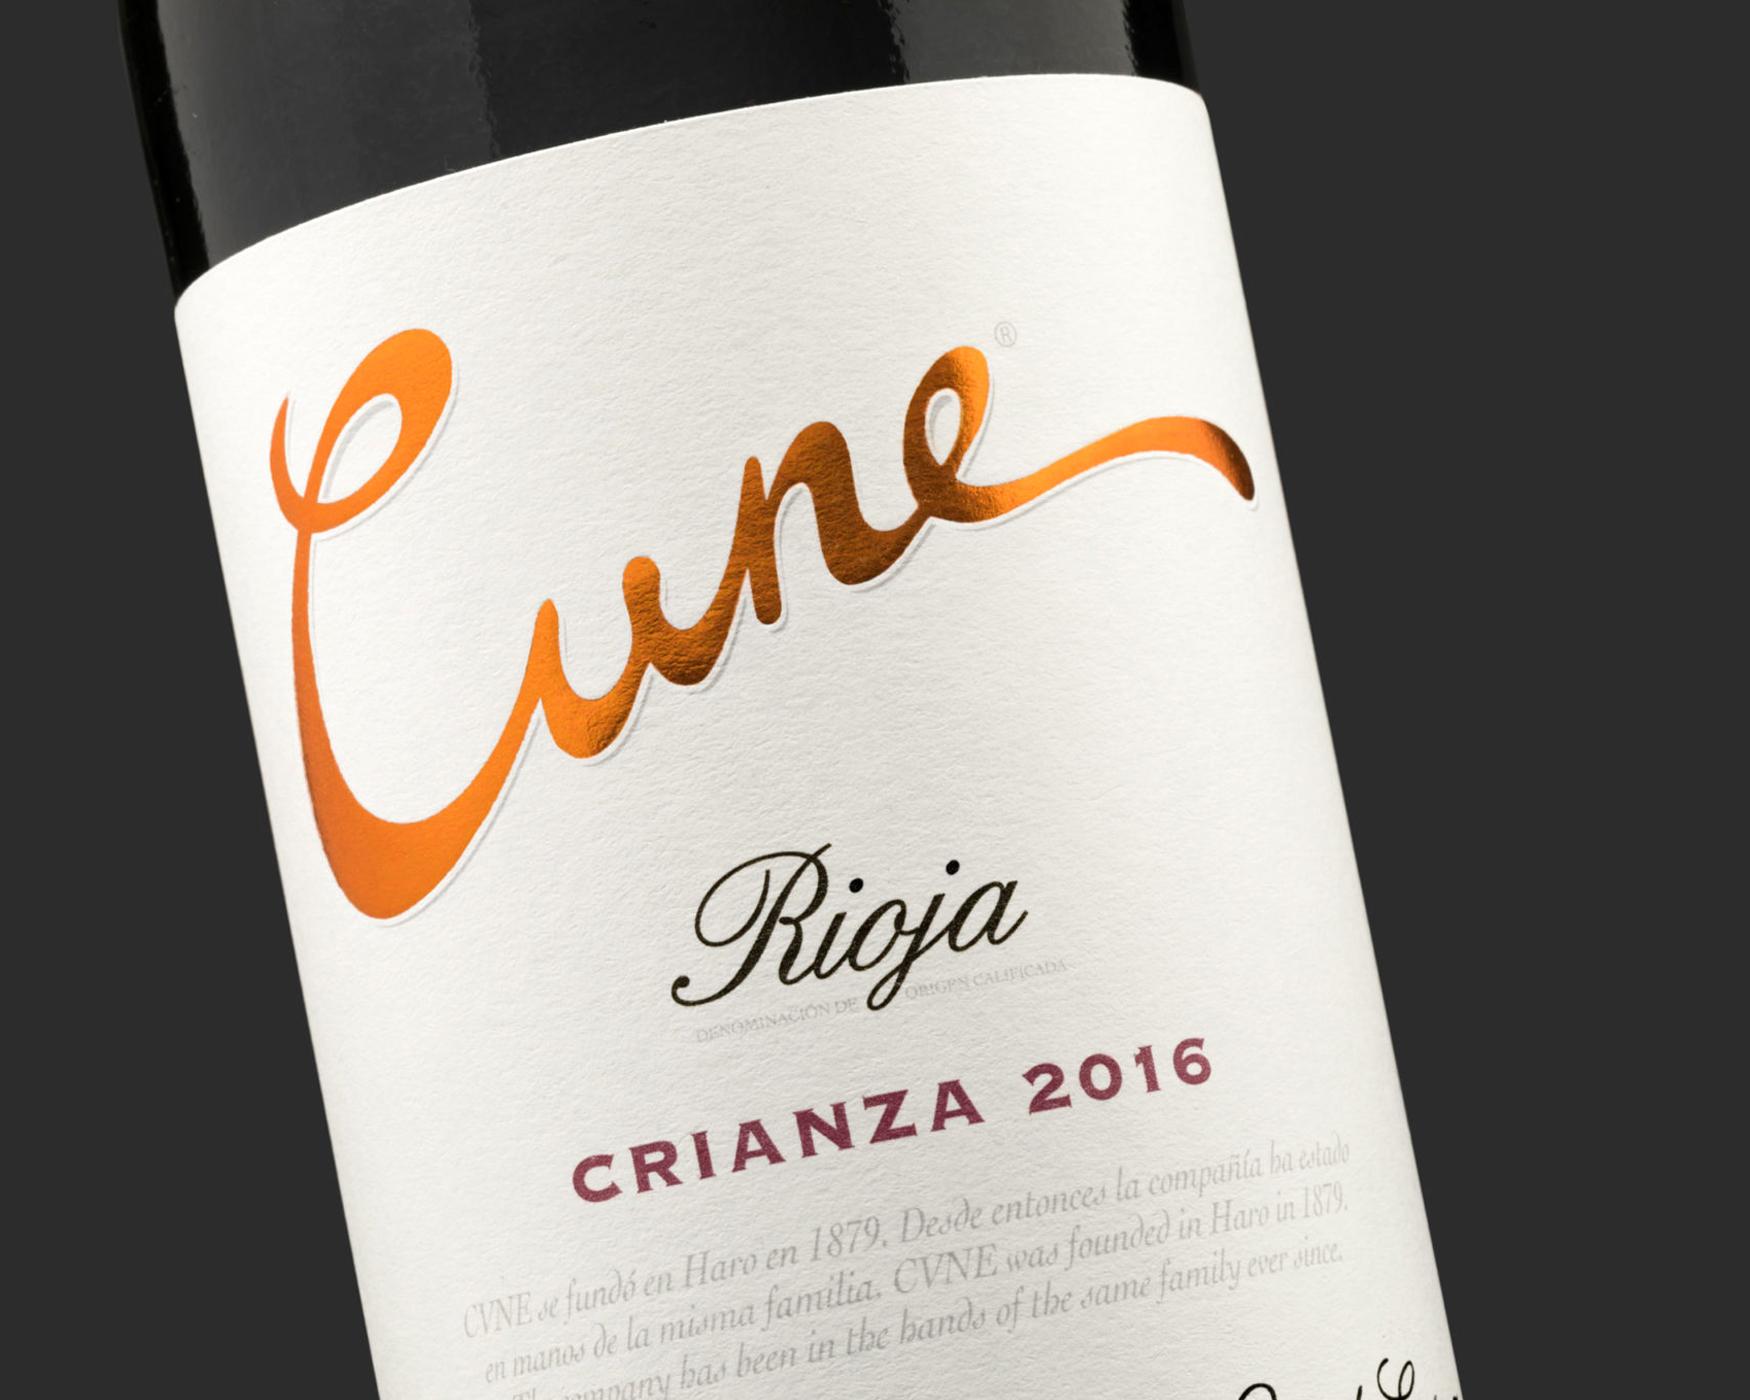 Cune Crianza. Etiqueta de vino adhesiva. Labelgrafic.